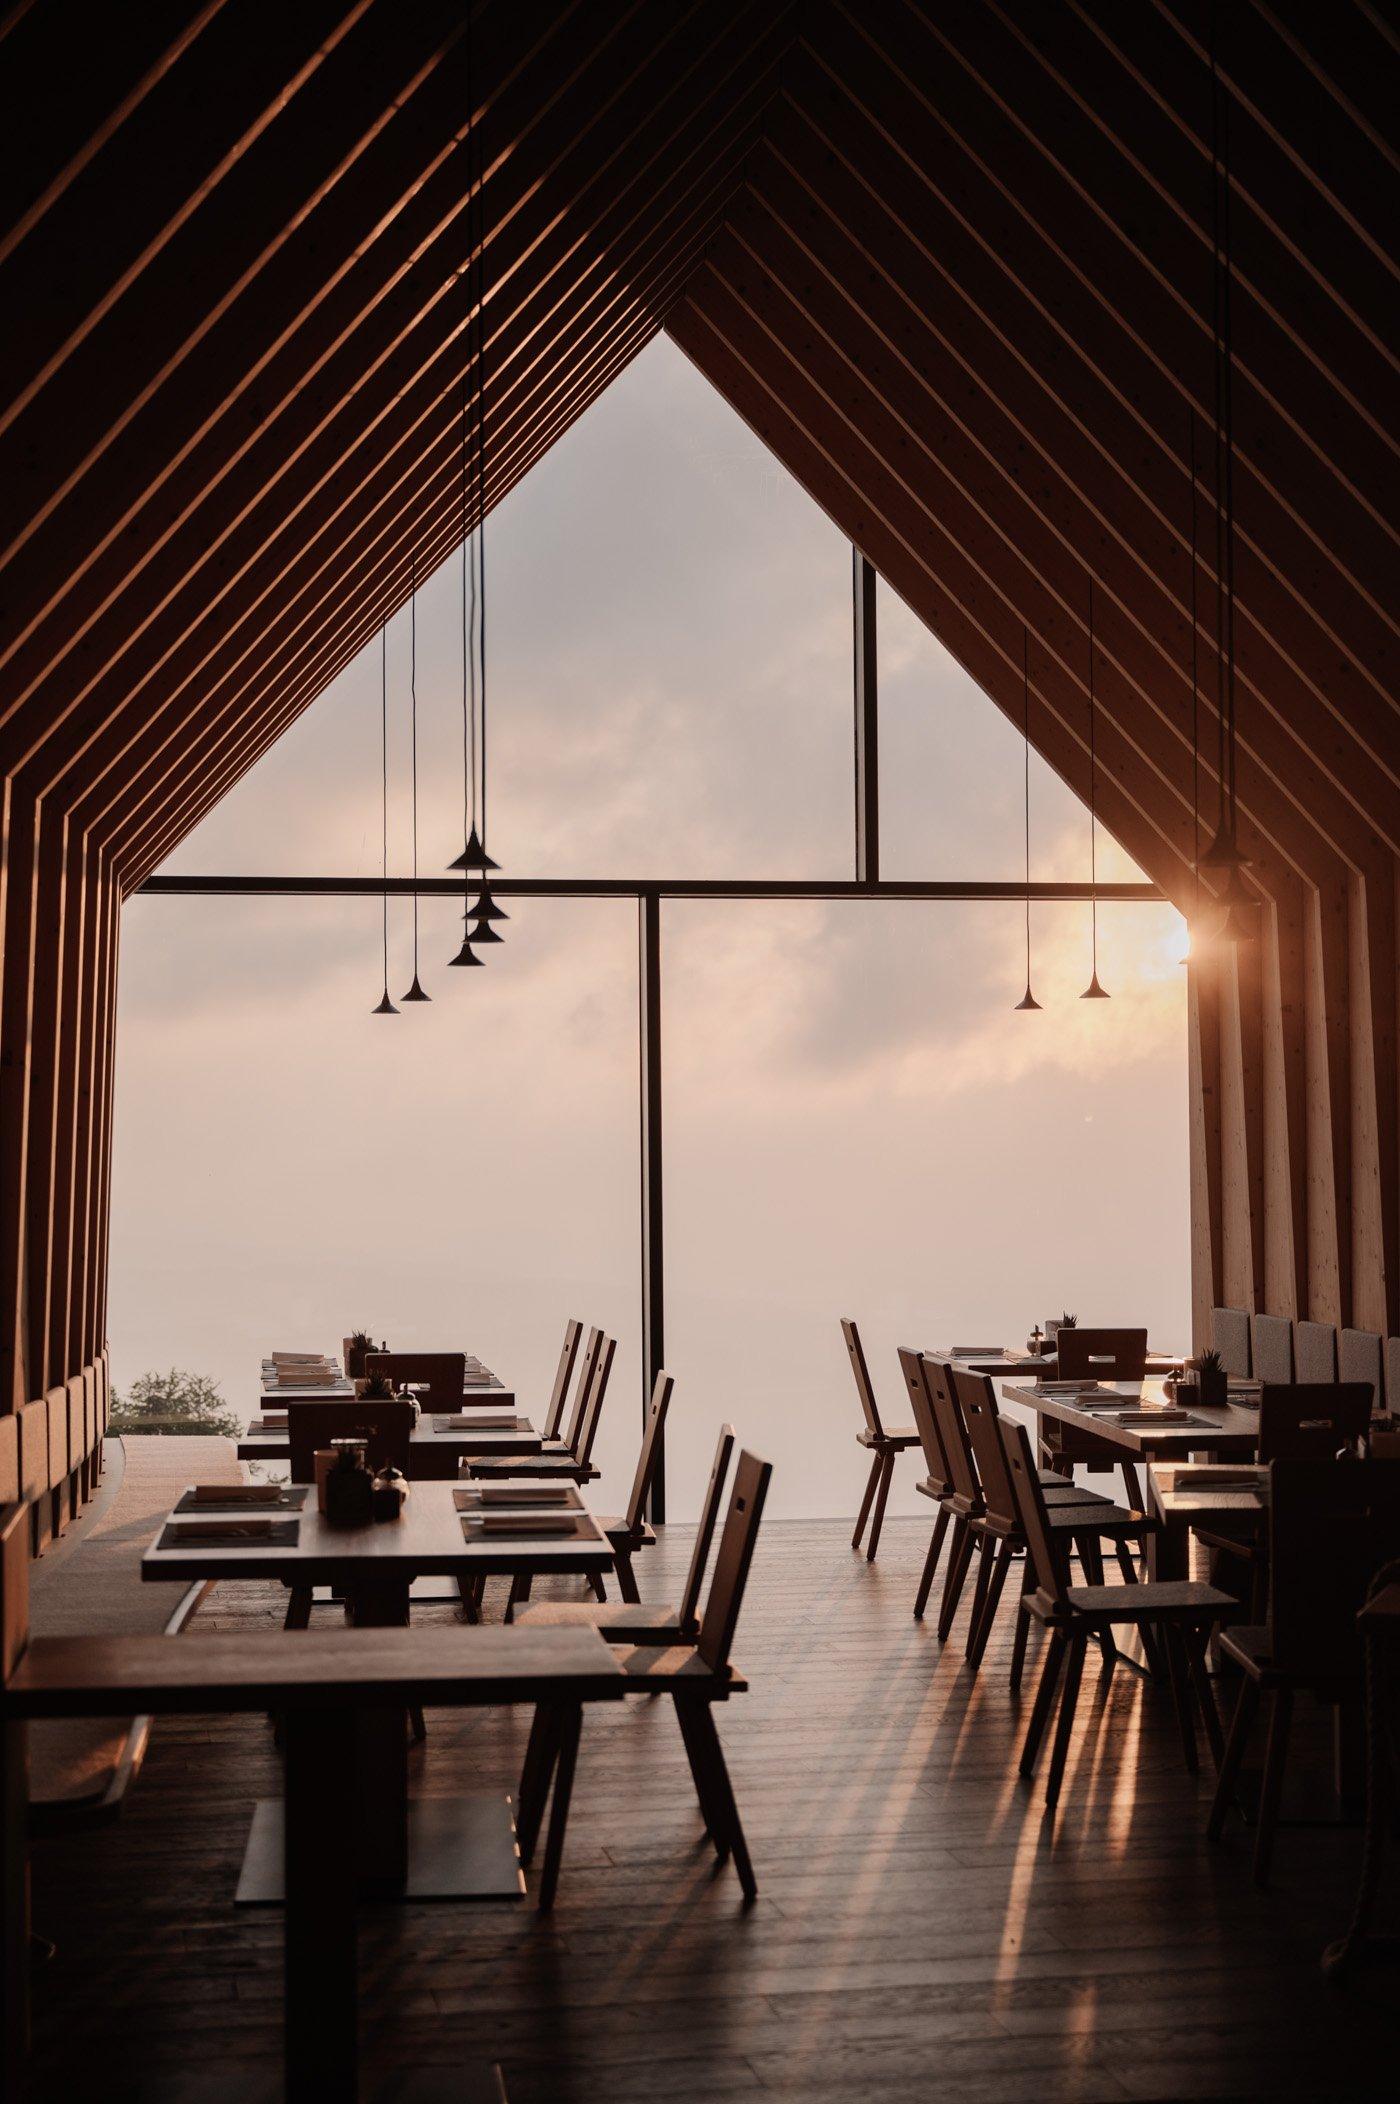 Oberholz hut in South Tyrol